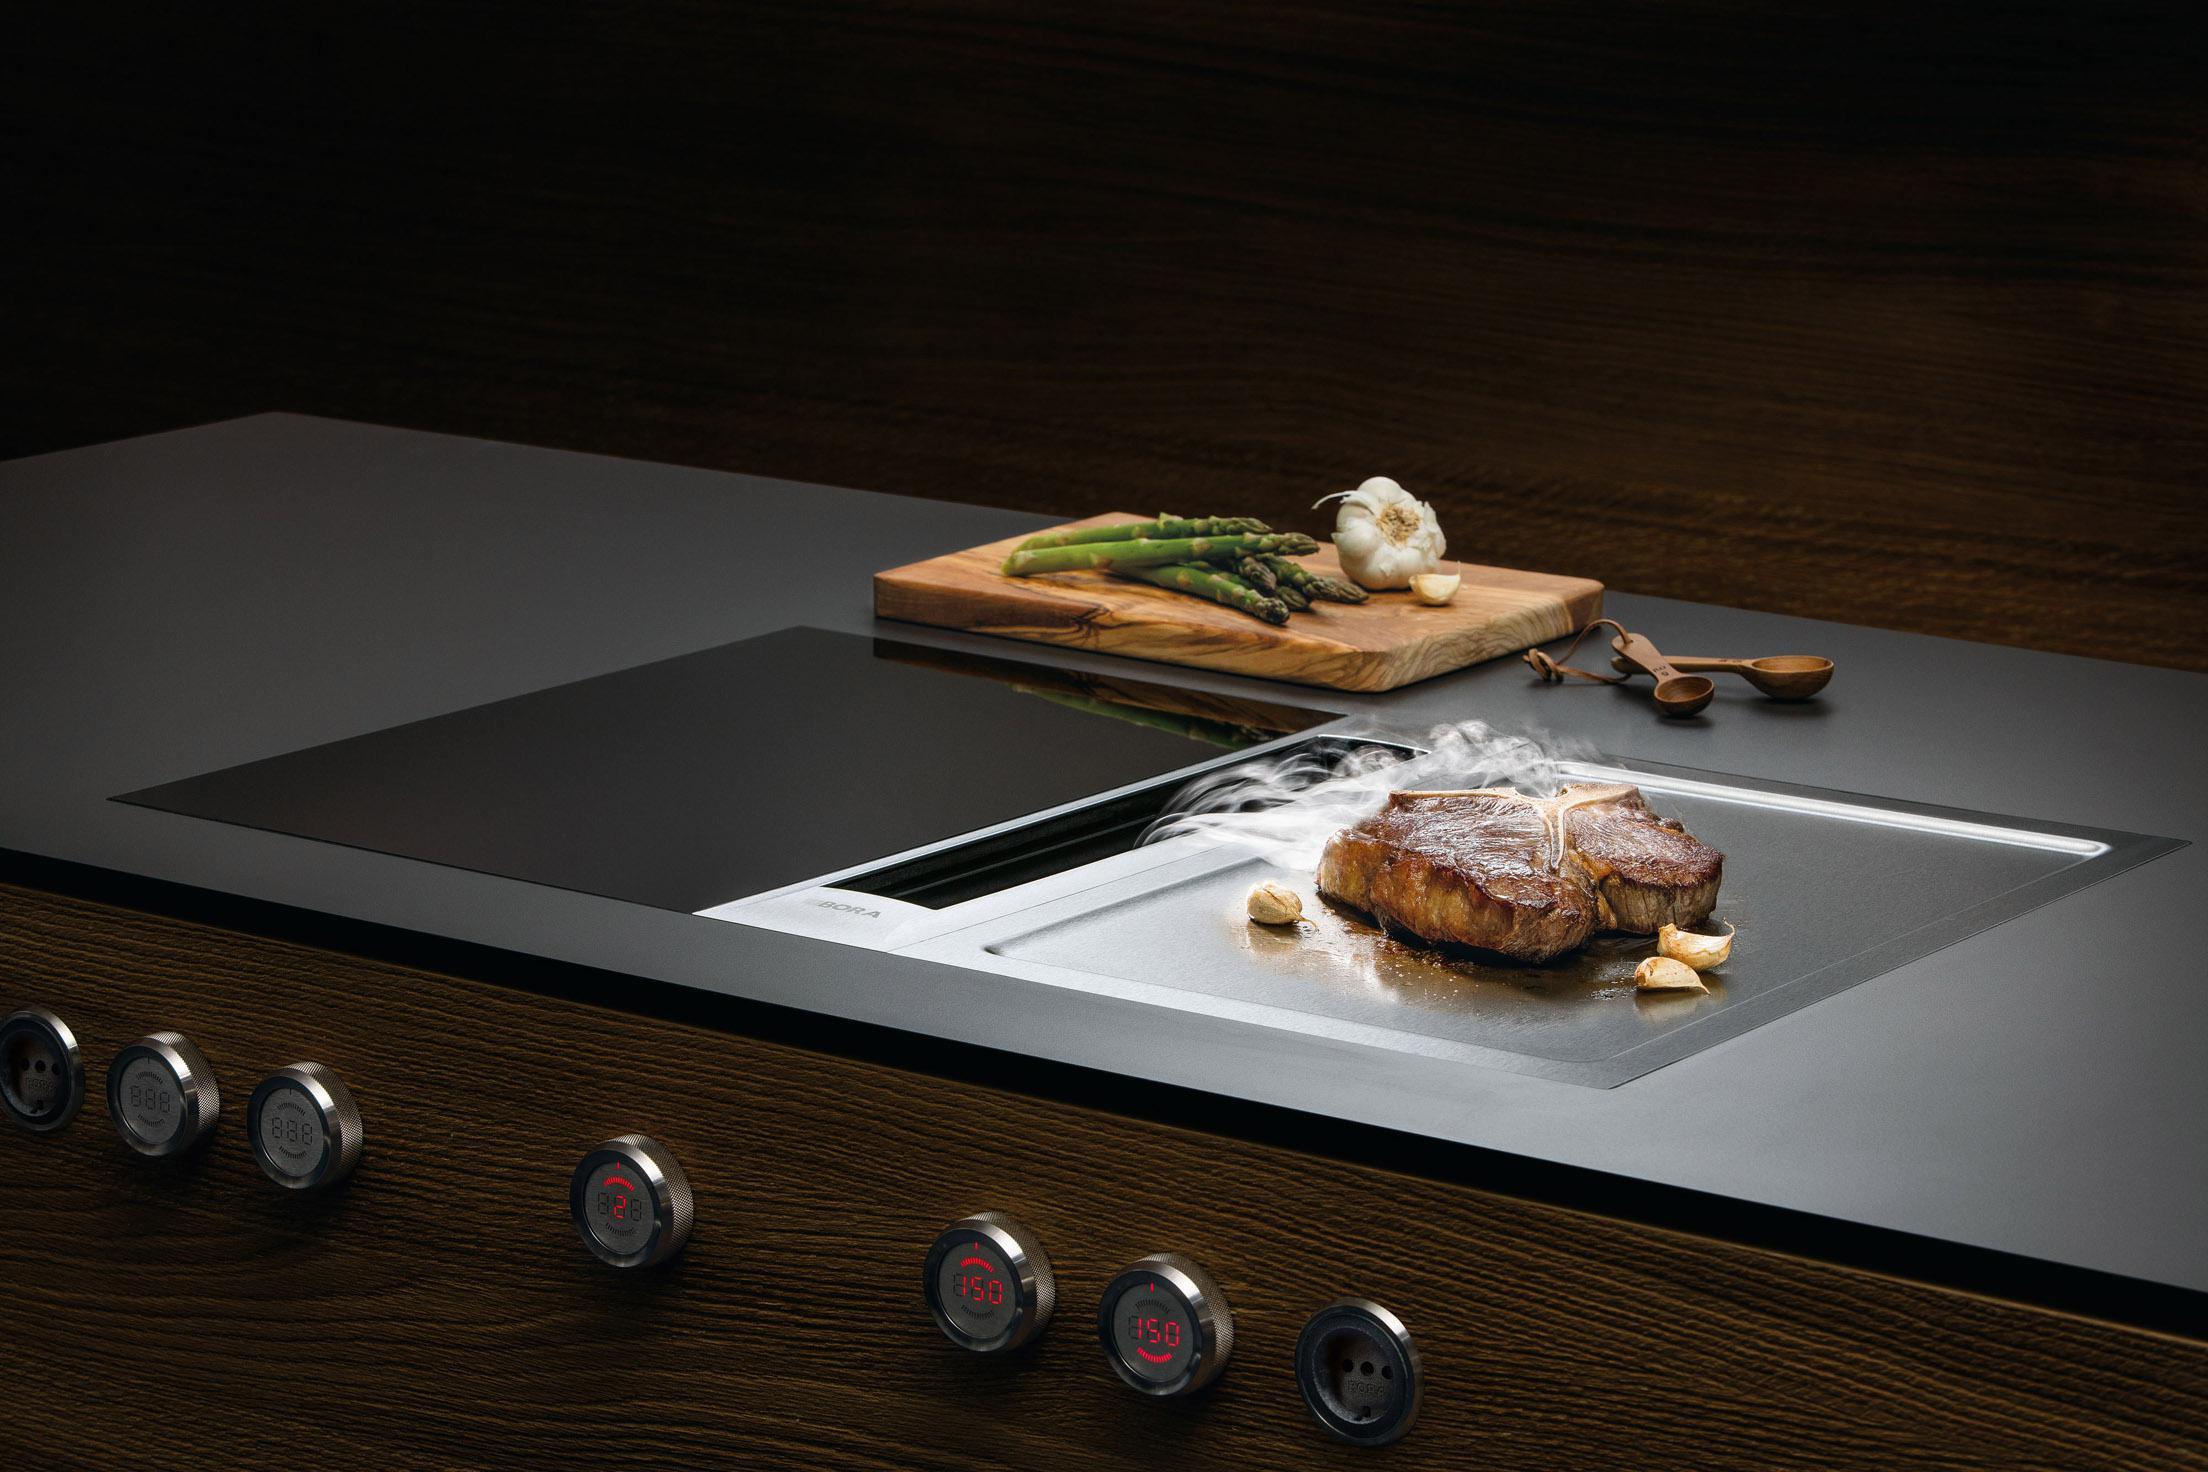 Cuisine ultra moderne contemporaine avec système technologique professionnel d'aspiration des vapeurs de cuisson